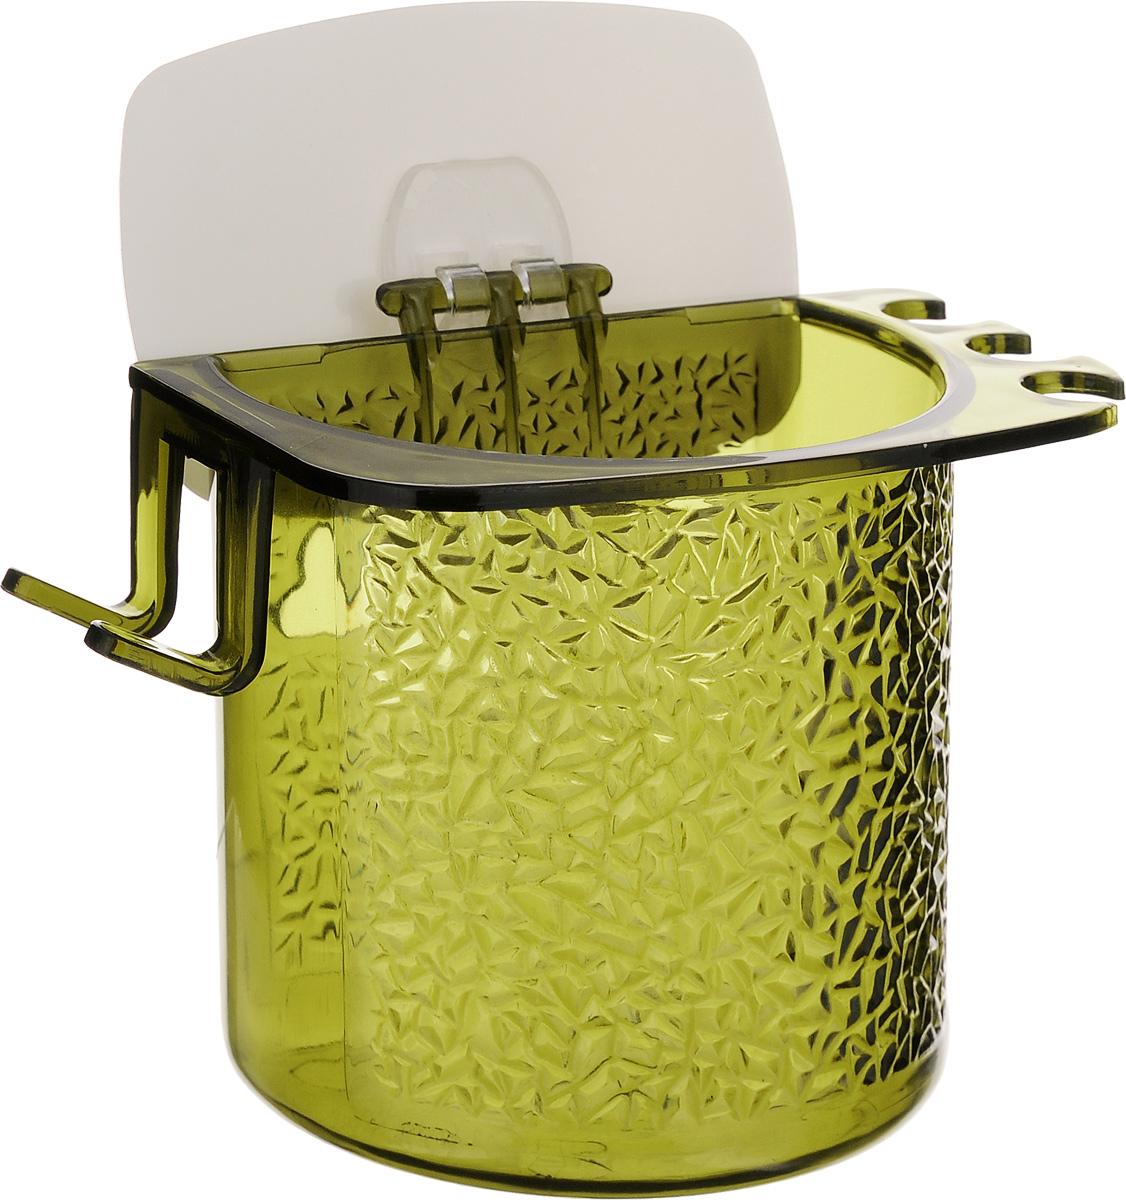 Стакан для ванной Fresh Code, на липкой основе, цвет: зеленый531-105Стакан для ванной комнаты Fresh Code выполнен из ABS пластика. Крепление на липкой основе многократного использования идеально подходит для гладкой поверхности. С оборотной стороны изделие оснащено двумя отверстиями для удобного размещения на стене.В стакане удобно хранить зубные щетки, пасту и другие принадлежности. Аксессуары для ванной комнаты Fresh Code стильно украсят интерьер и добавят в обычную обстановку яркие и модные акценты. Стакан идеально подойдет к любому стилю ванной комнаты.